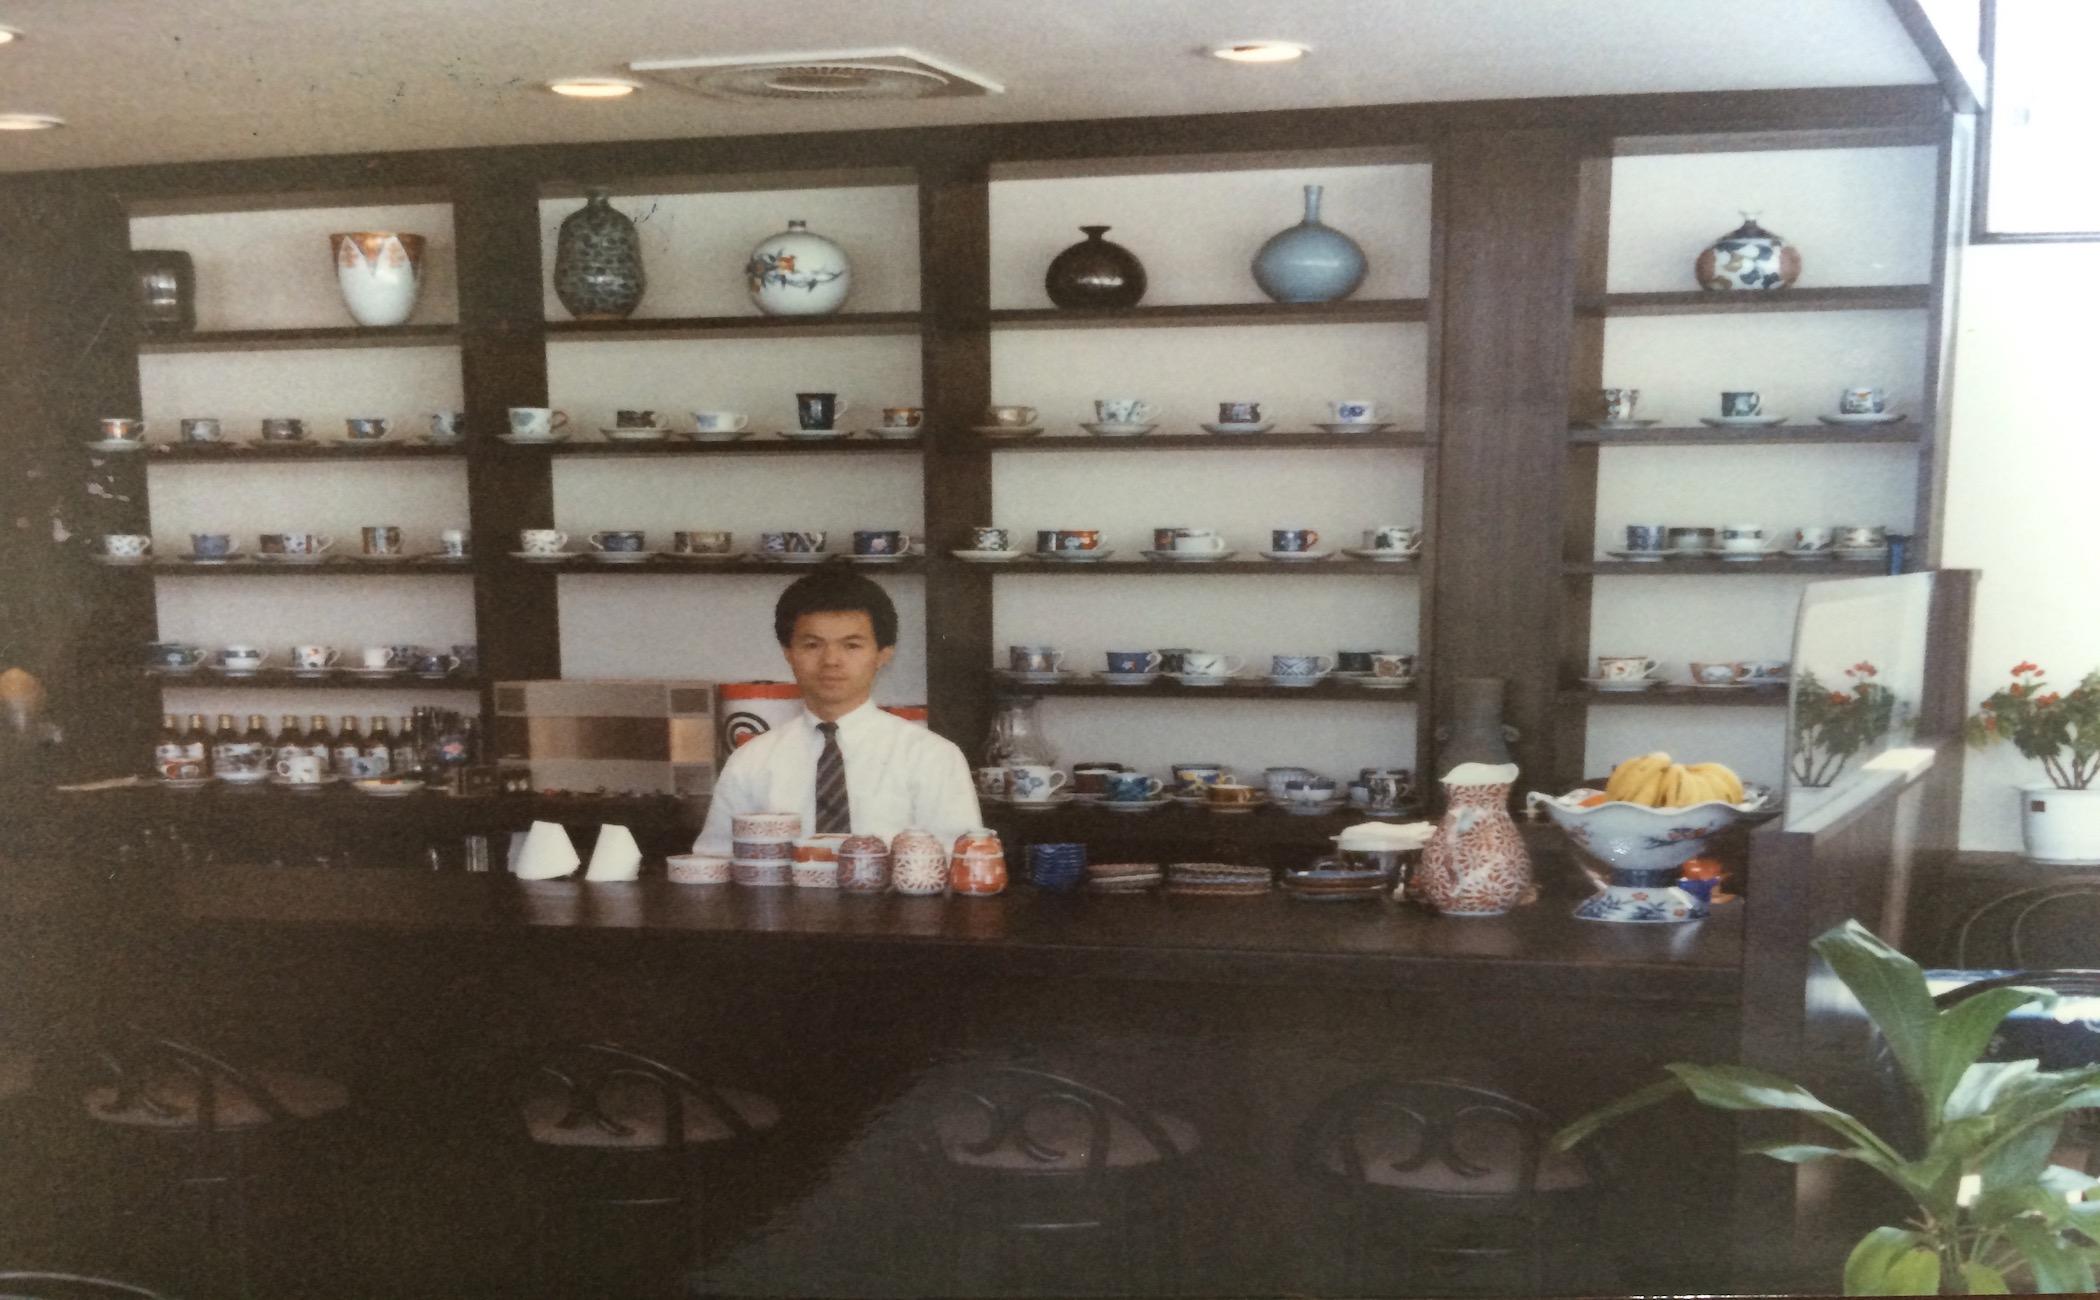 創業当時(1986年)の写真